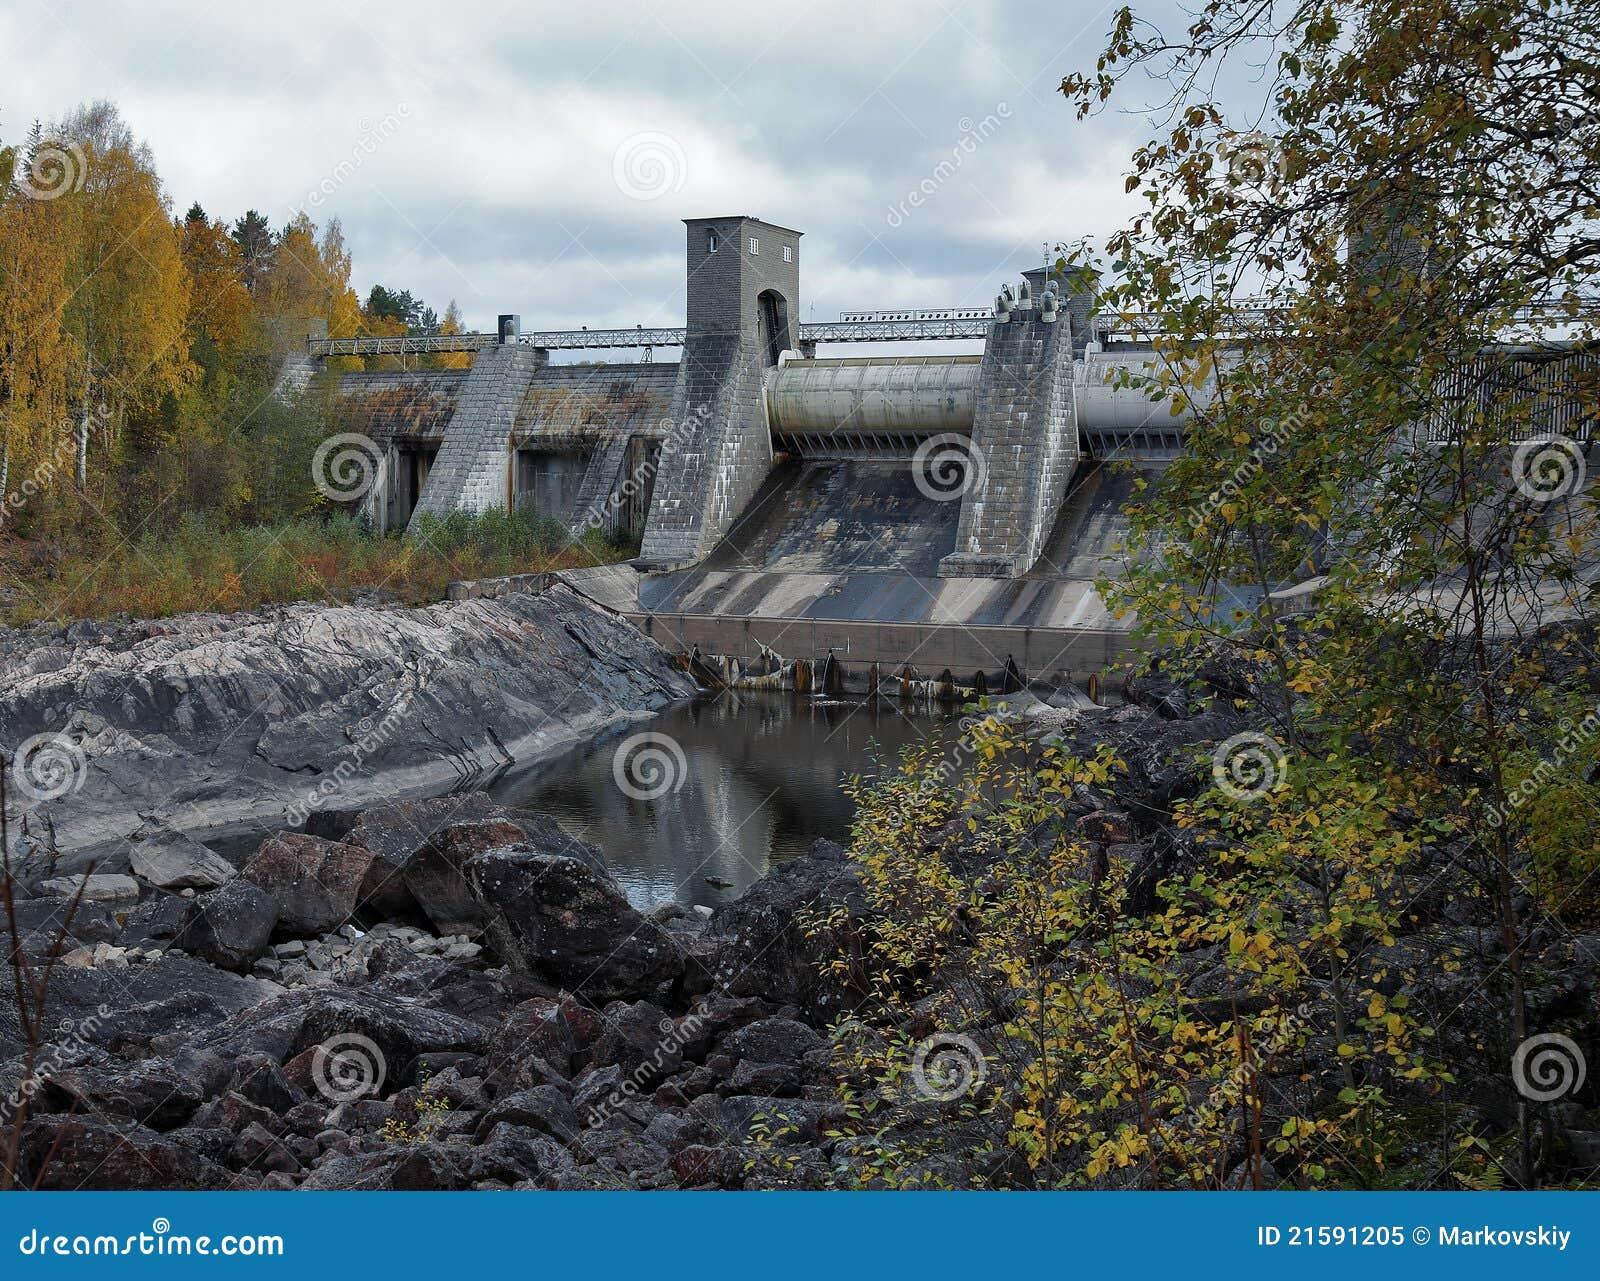 För imatraström för fördämning hydroelektrisk station